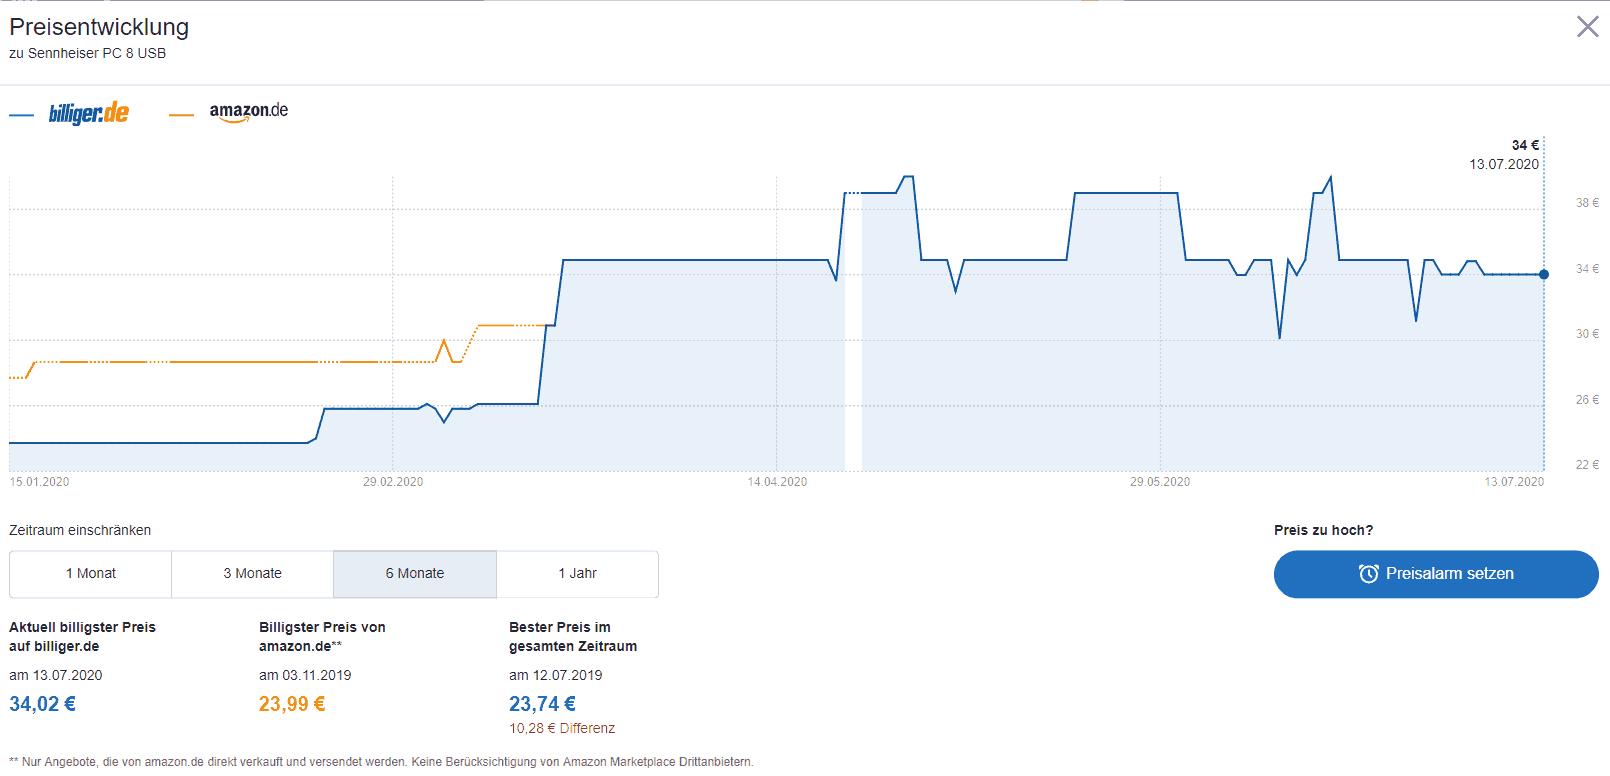 Preisentwicklung von Headsets während der Corona-Krise